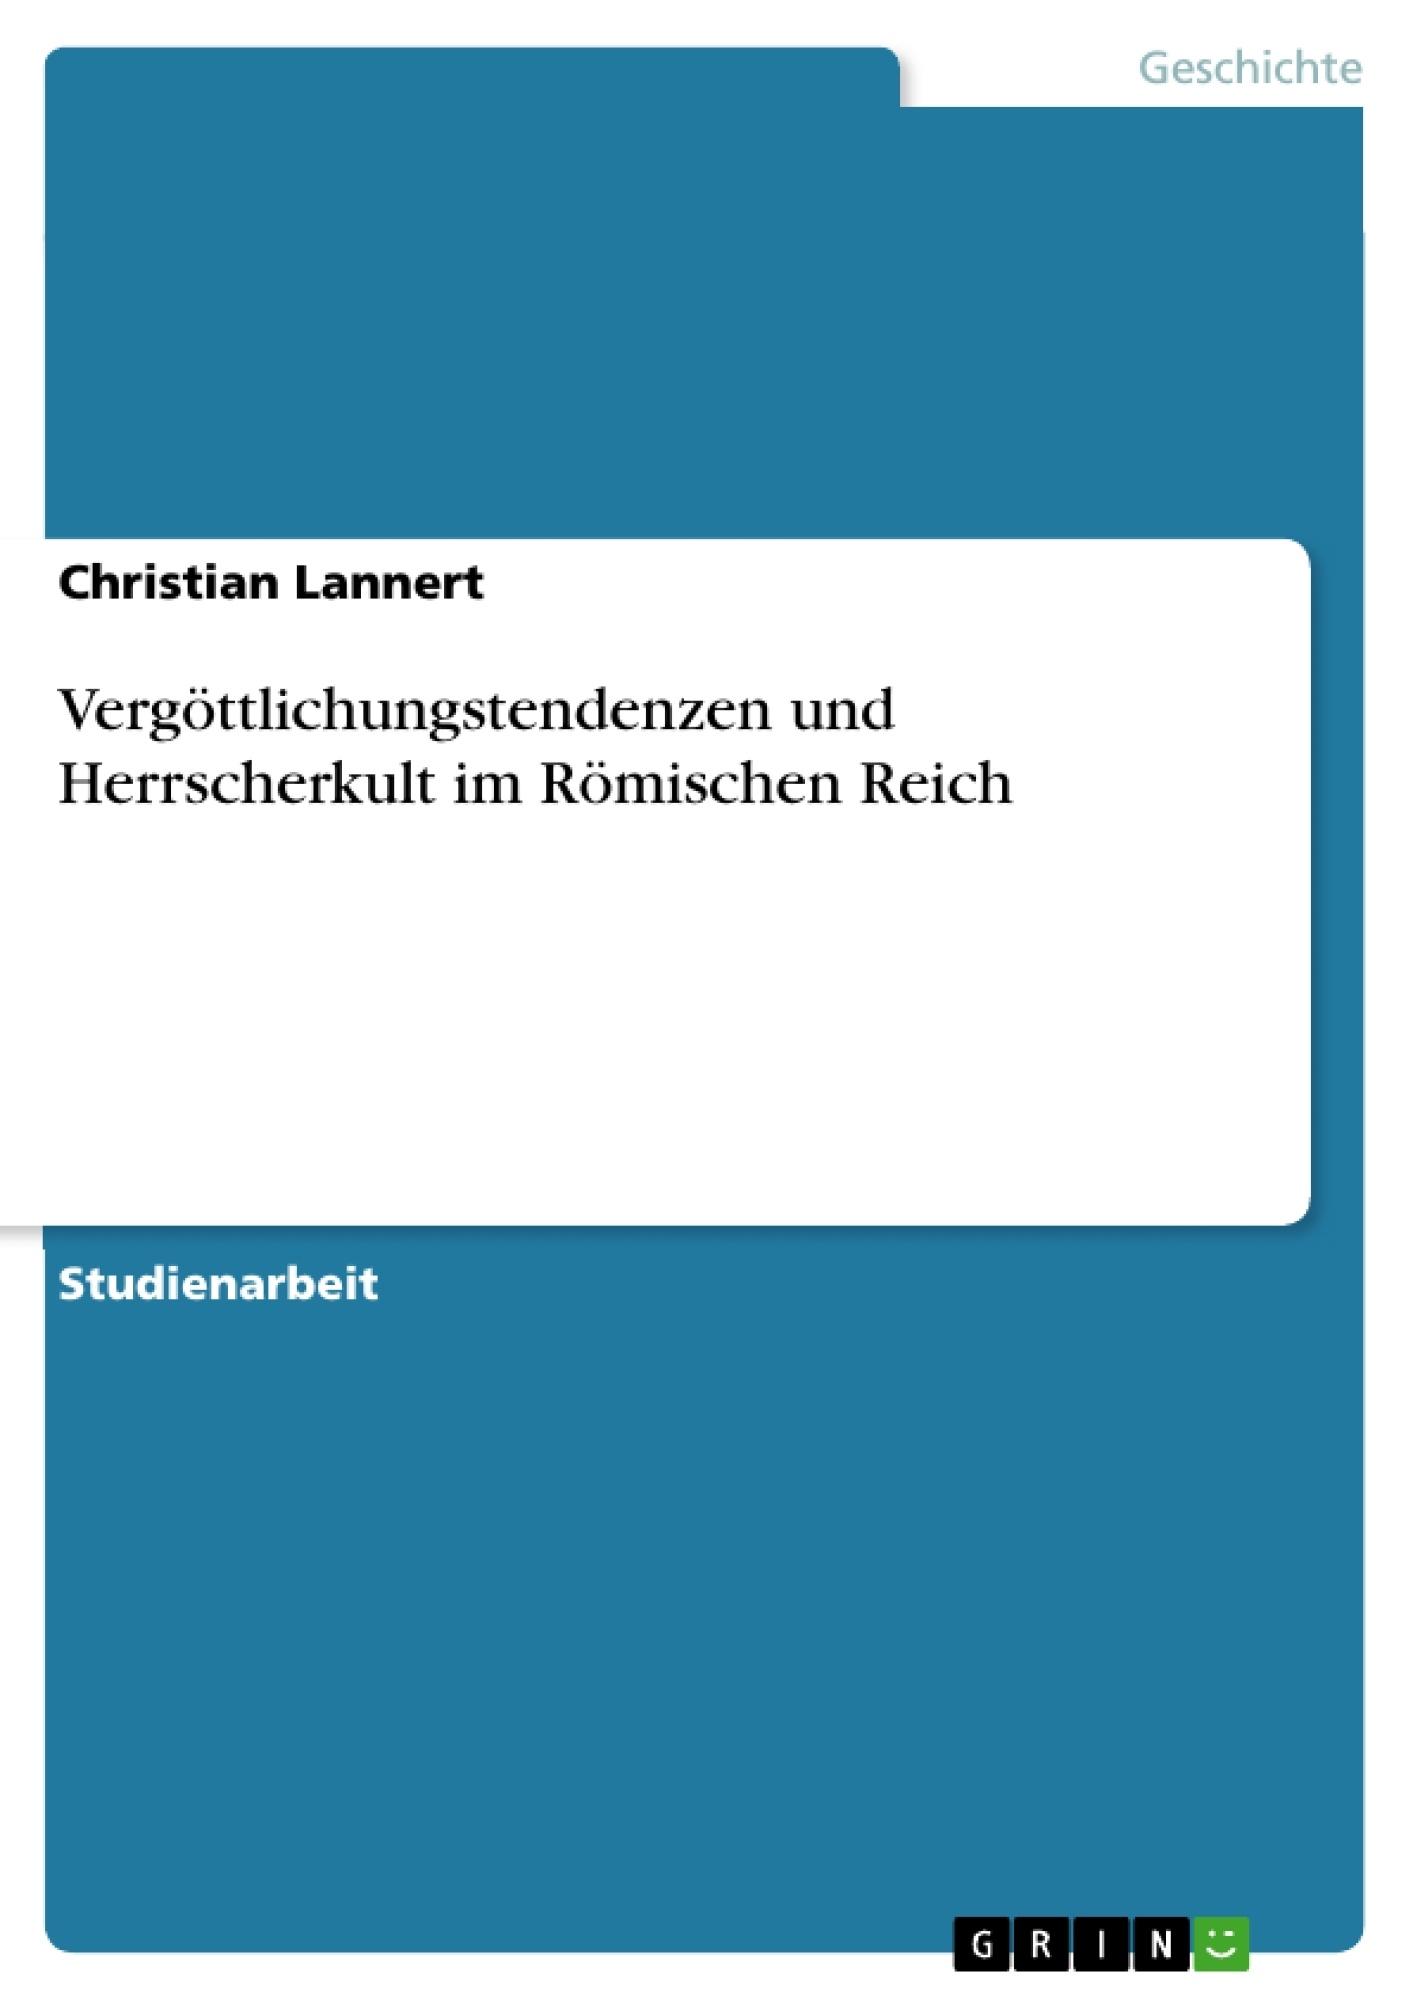 Titel: Vergöttlichungstendenzen und Herrscherkult im Römischen Reich